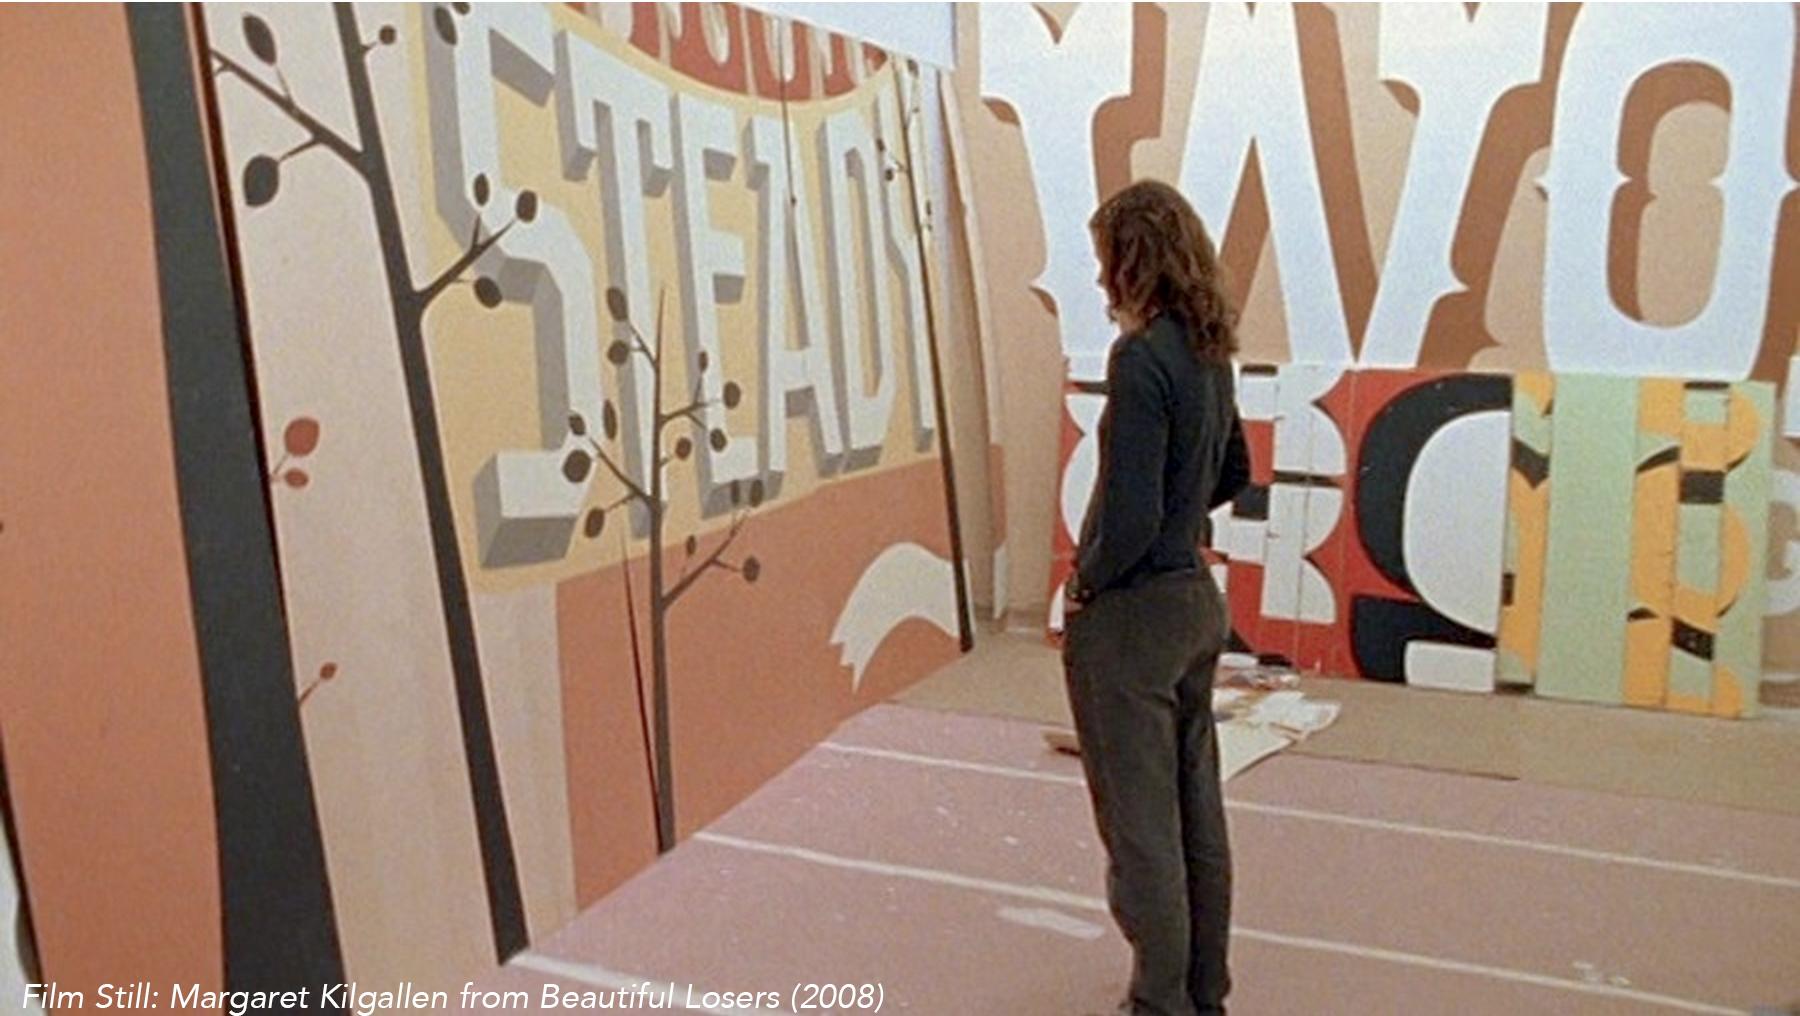 Film Still: Margaret Kilgallen from Beautiful Losers (2008)